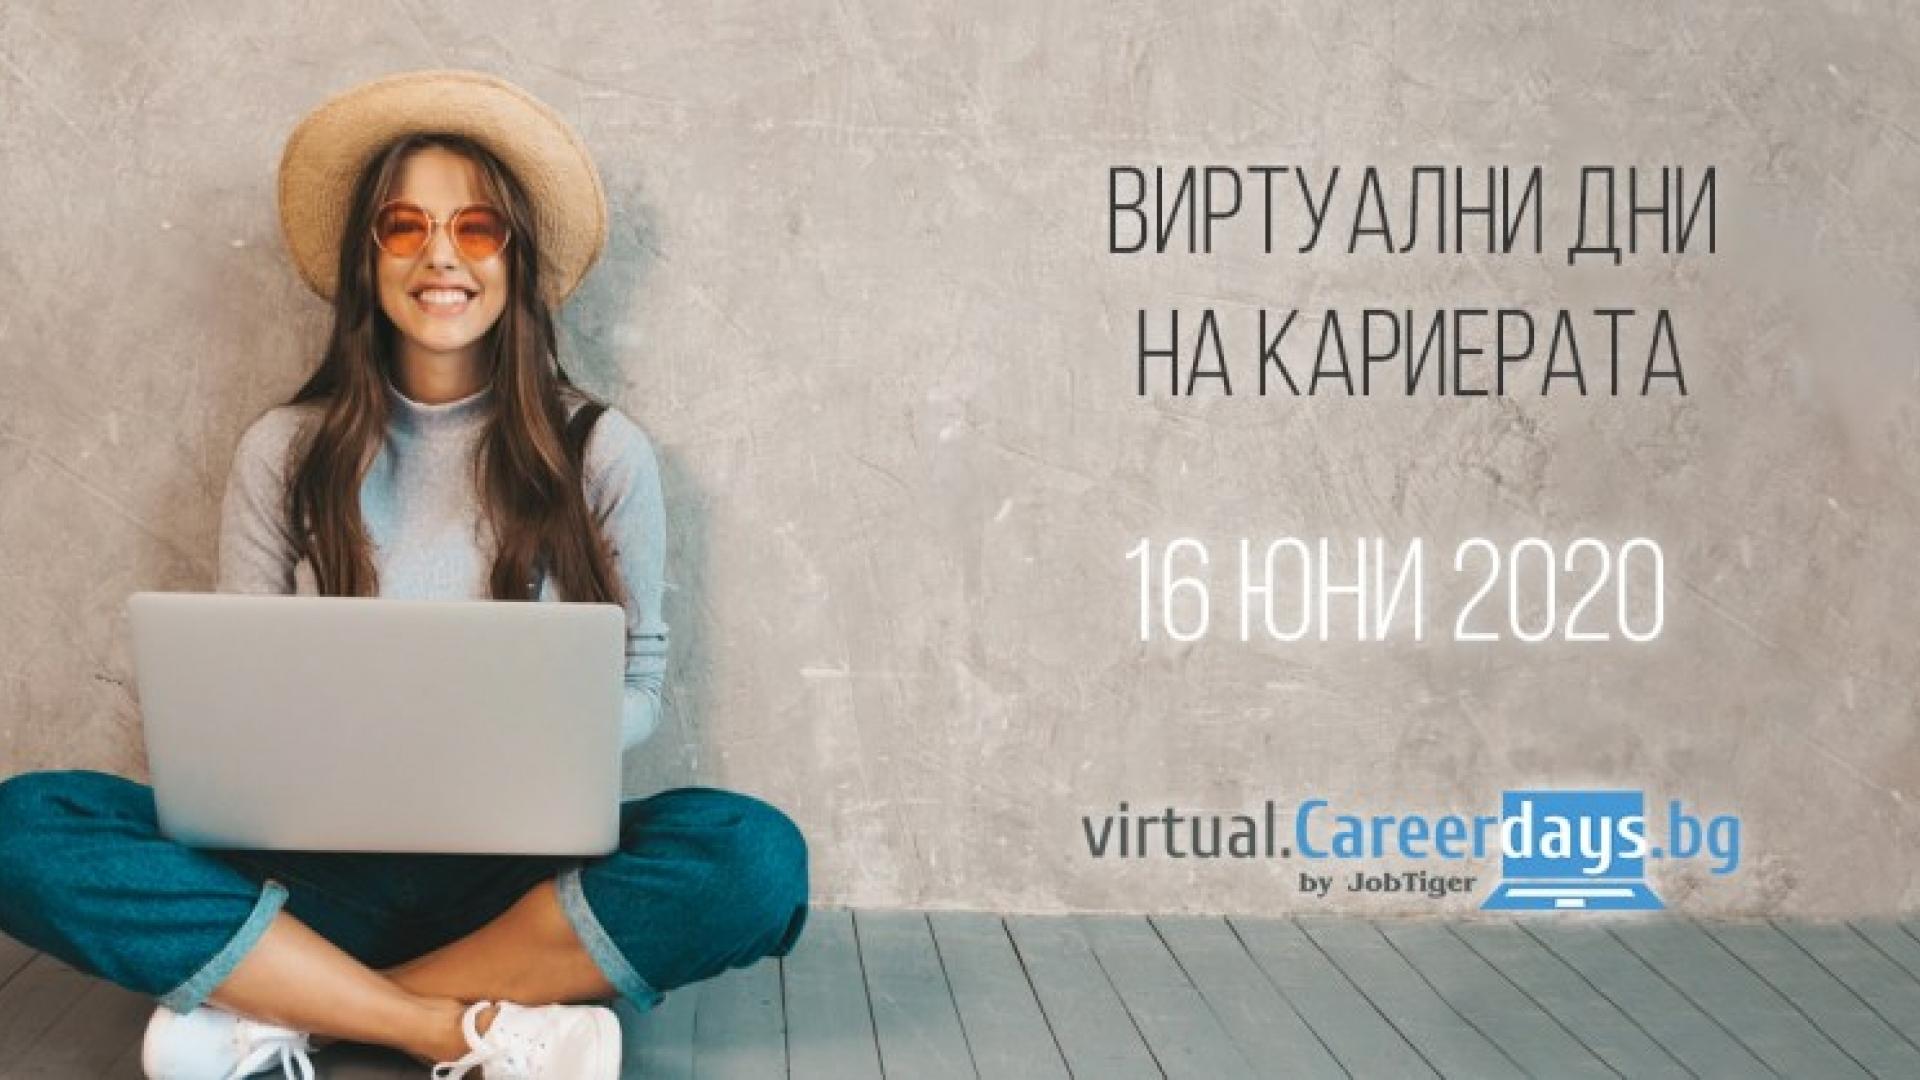 Виртуални дни на кариерата 2020